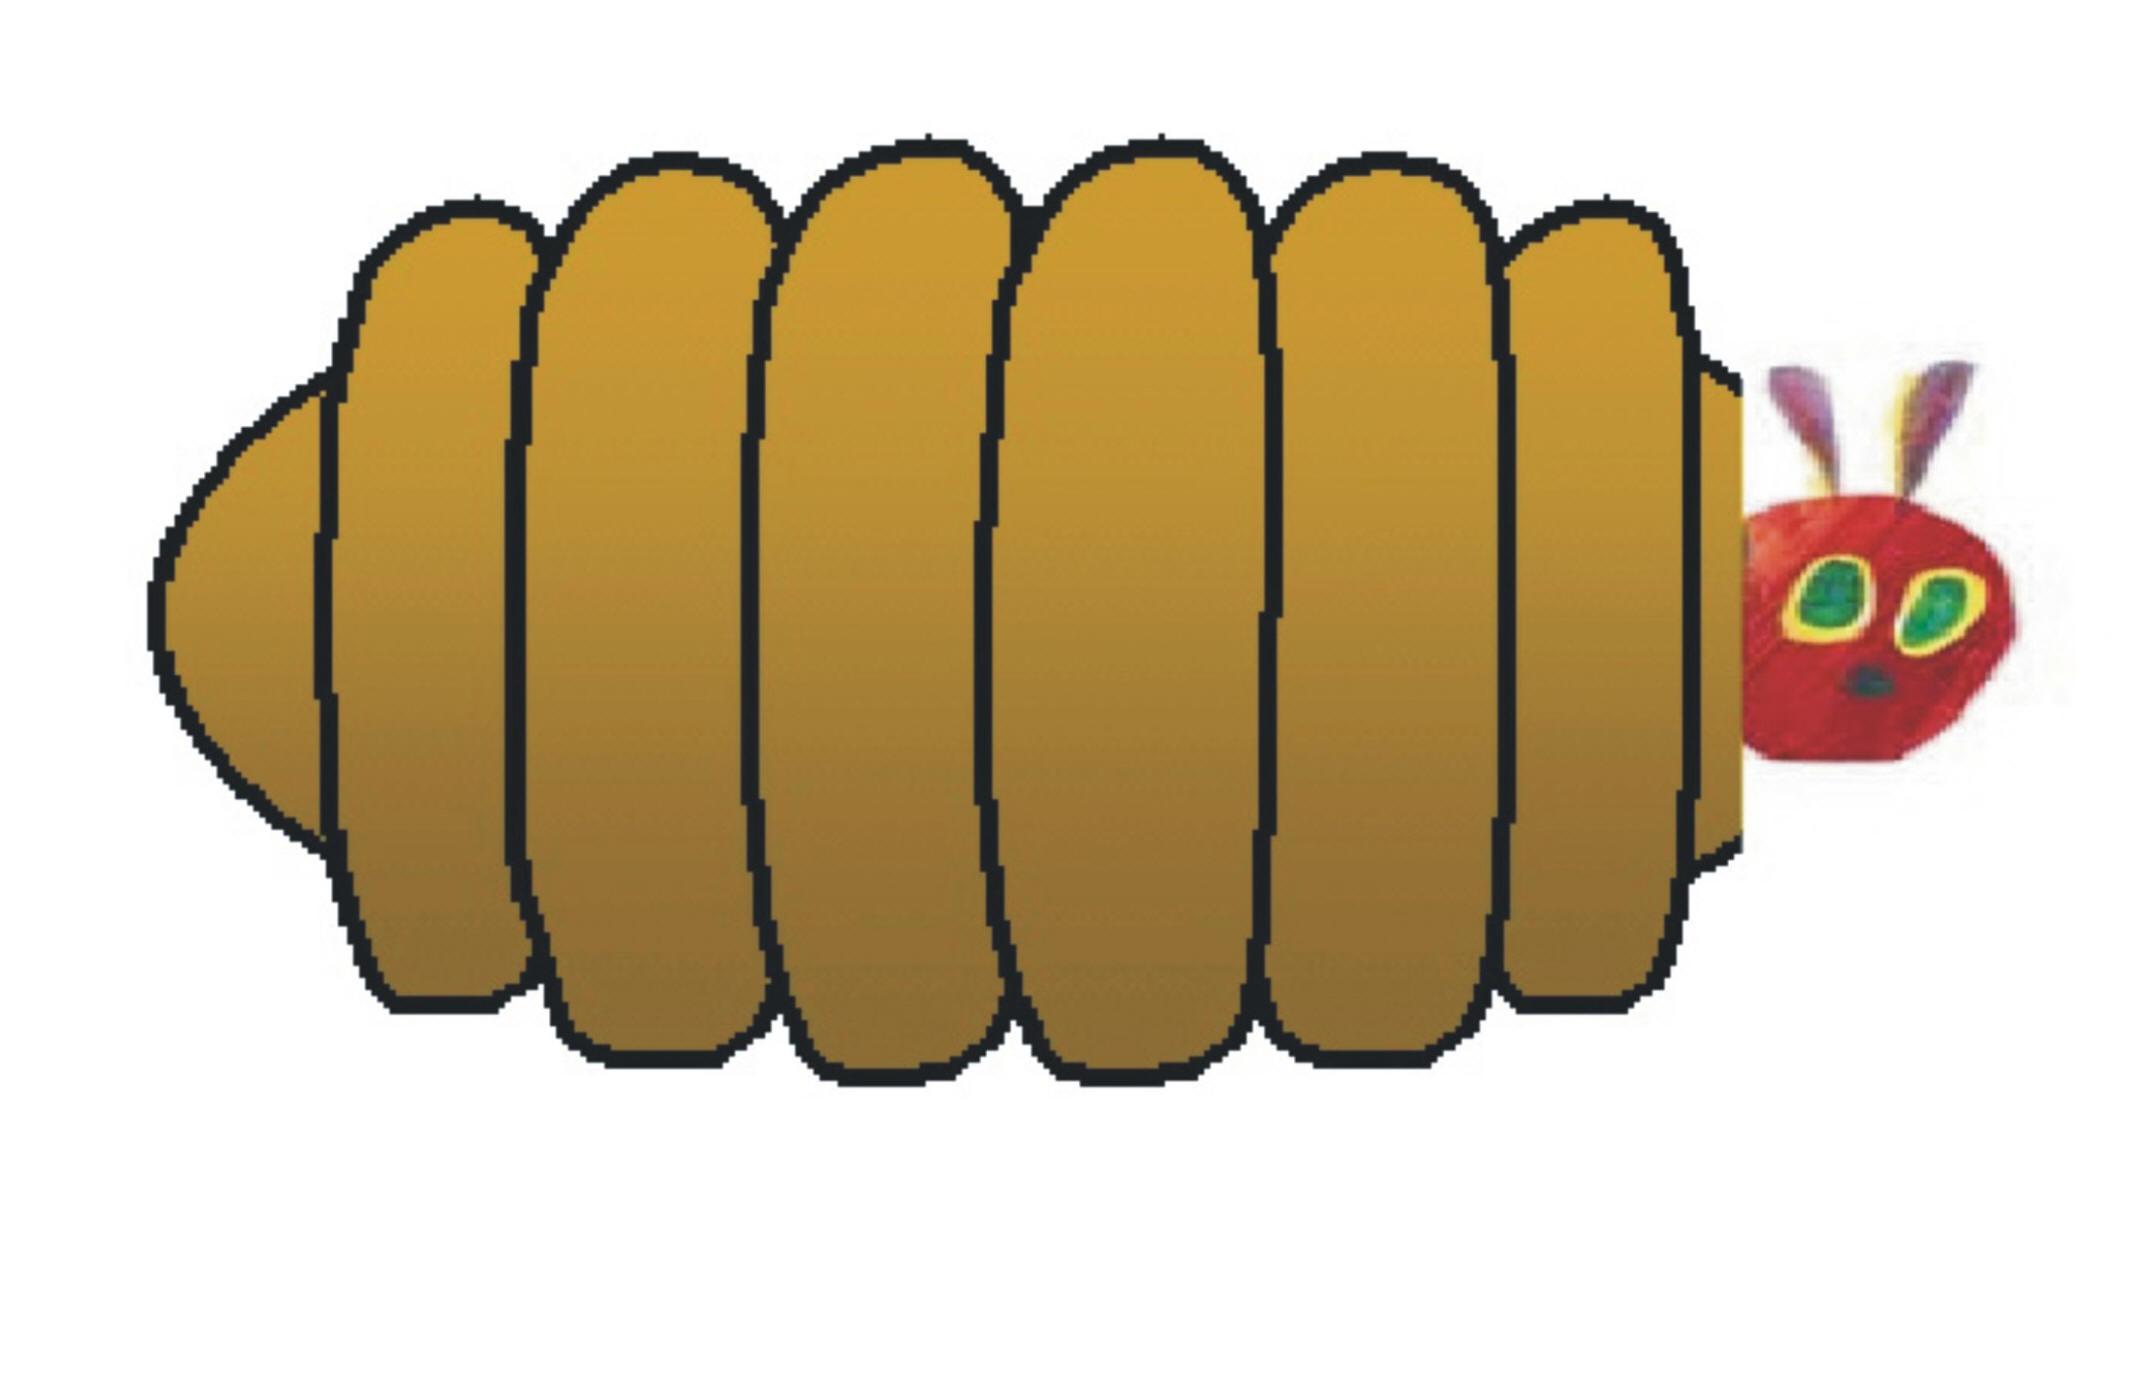 Banana hungry caterpillar clipart transparent download The Very Hungry Caterpillar transparent download